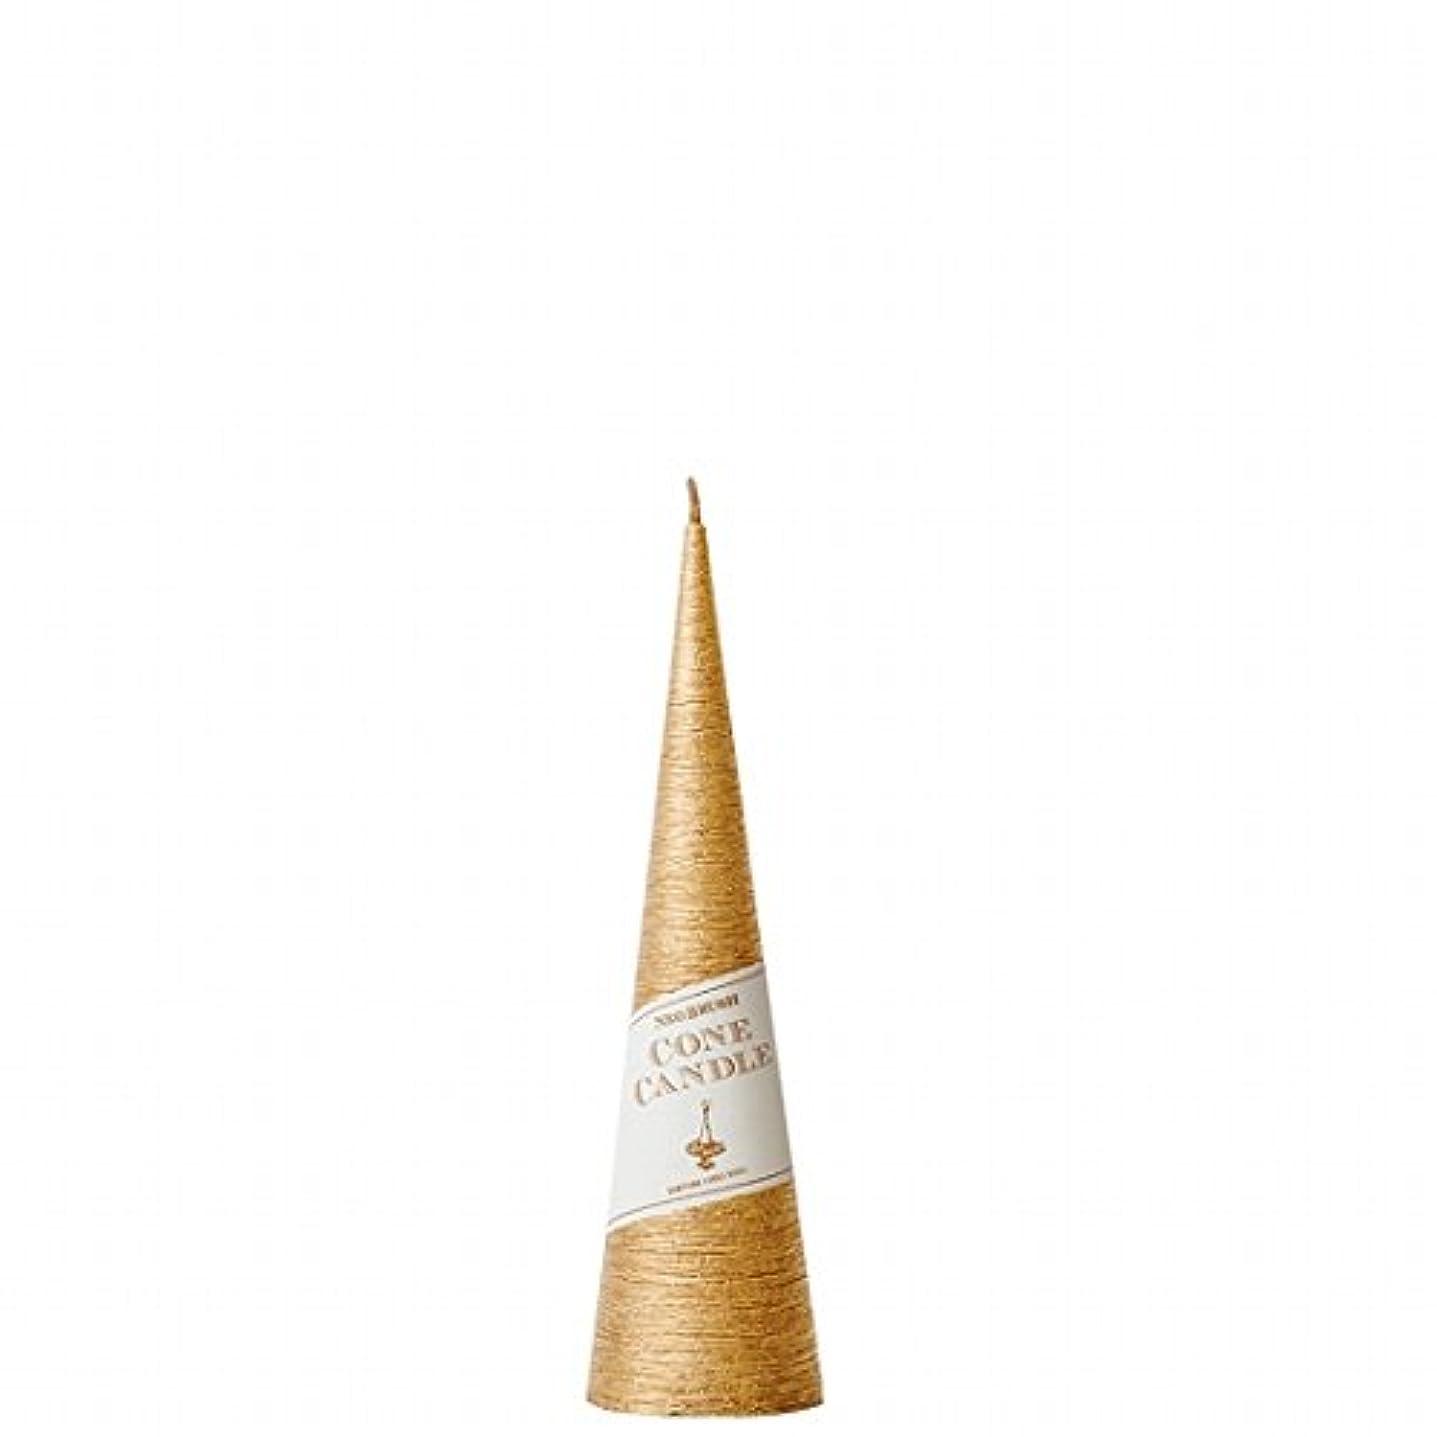 レンジフォーム素晴らしきカメヤマキャンドル(kameyama candle) ネオブラッシュコーン 180 キャンドル 「 ゴールド 」 6個セット